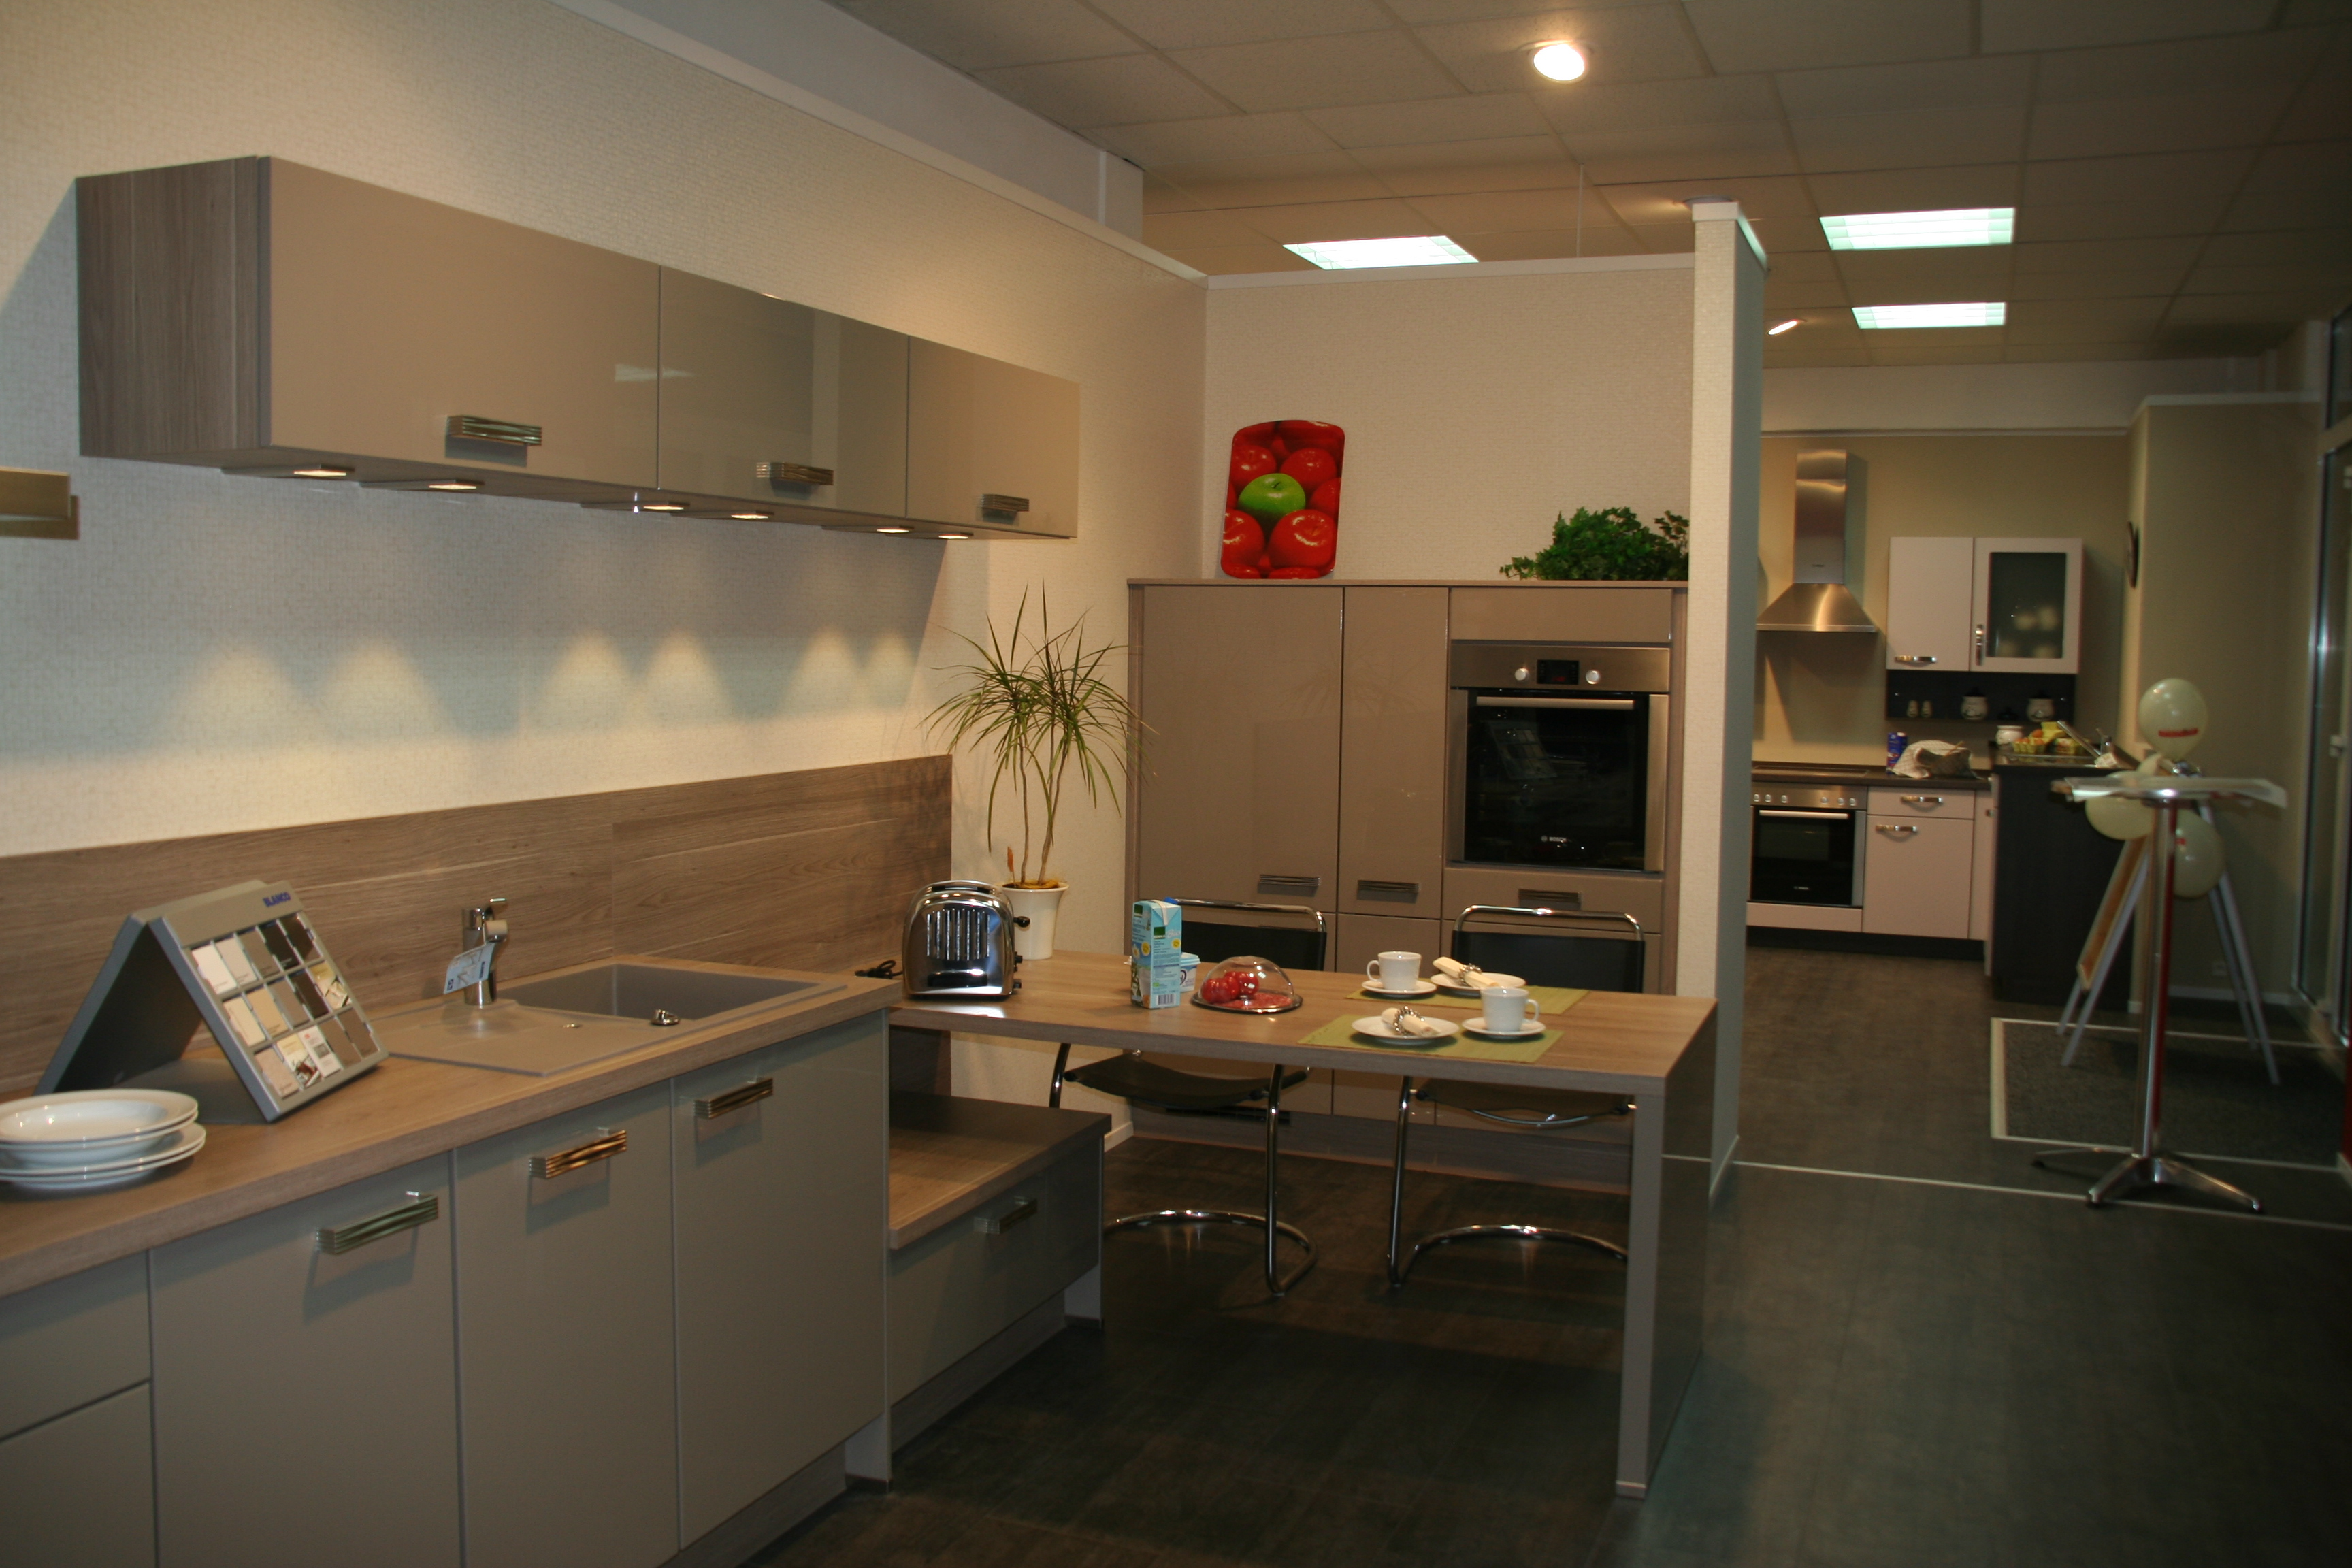 industrielle fertigung und auslieferung verarbeitende industrie gro handel in hanau. Black Bedroom Furniture Sets. Home Design Ideas